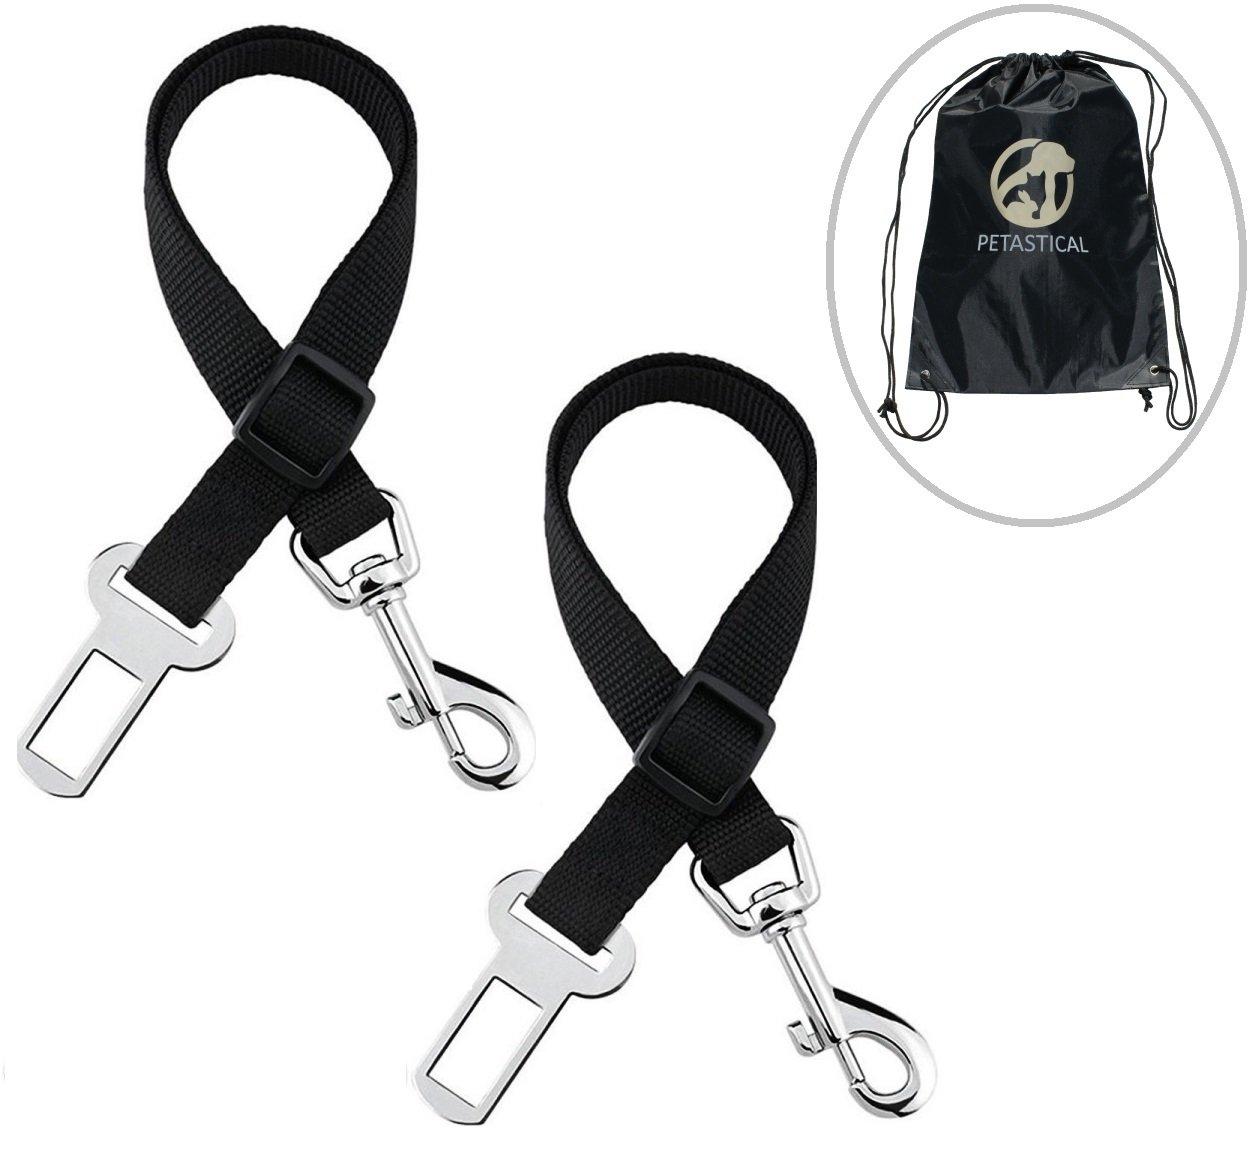 Cinturó n de seguridad para perro, 2 unidades, ajustable, incluye funda para asiento de coche y bolsa de almacenamiento Marod Enterprises Limited PET-BLT-20170712